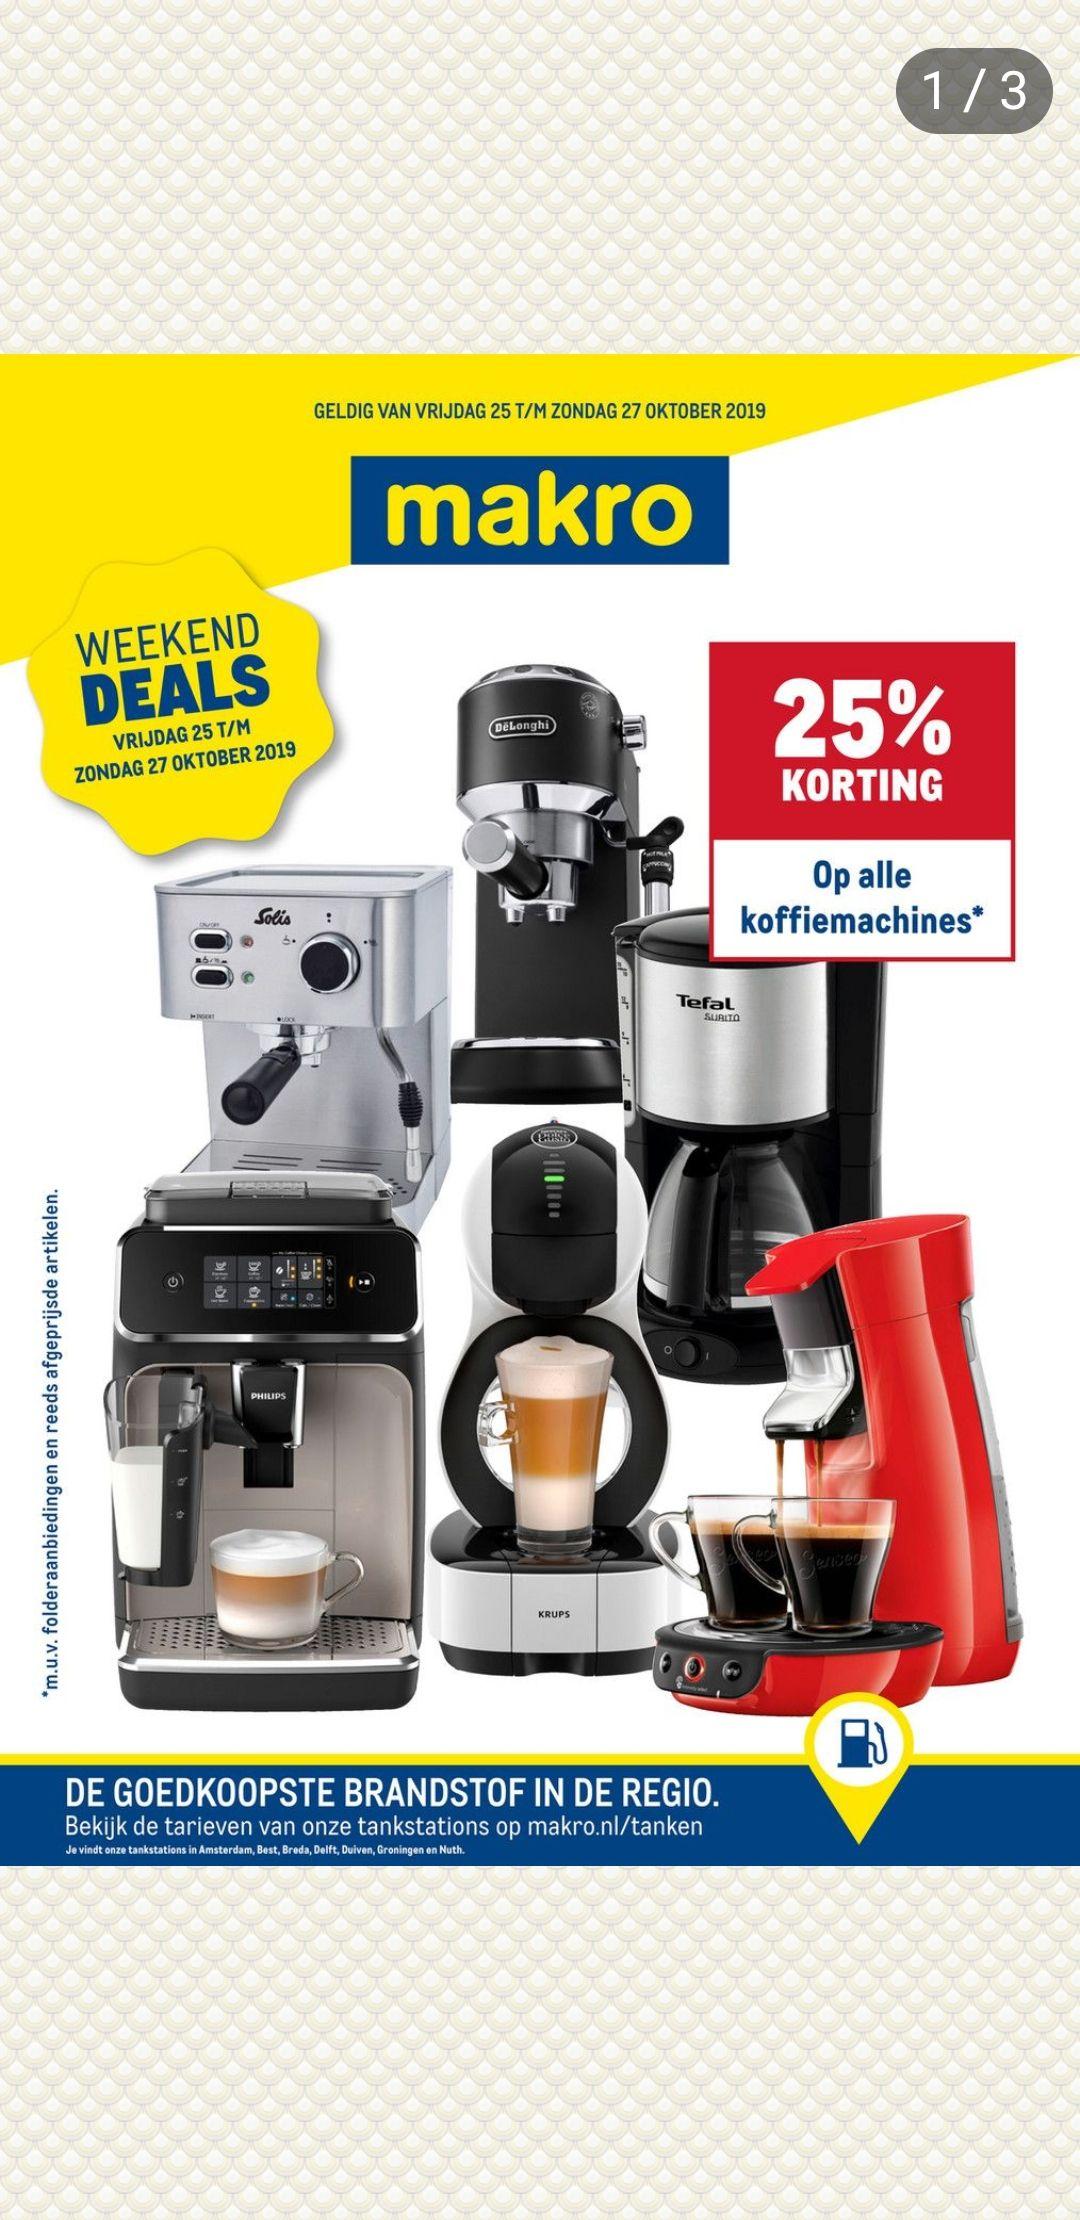 25% korting op alle koffiemachines bij makro